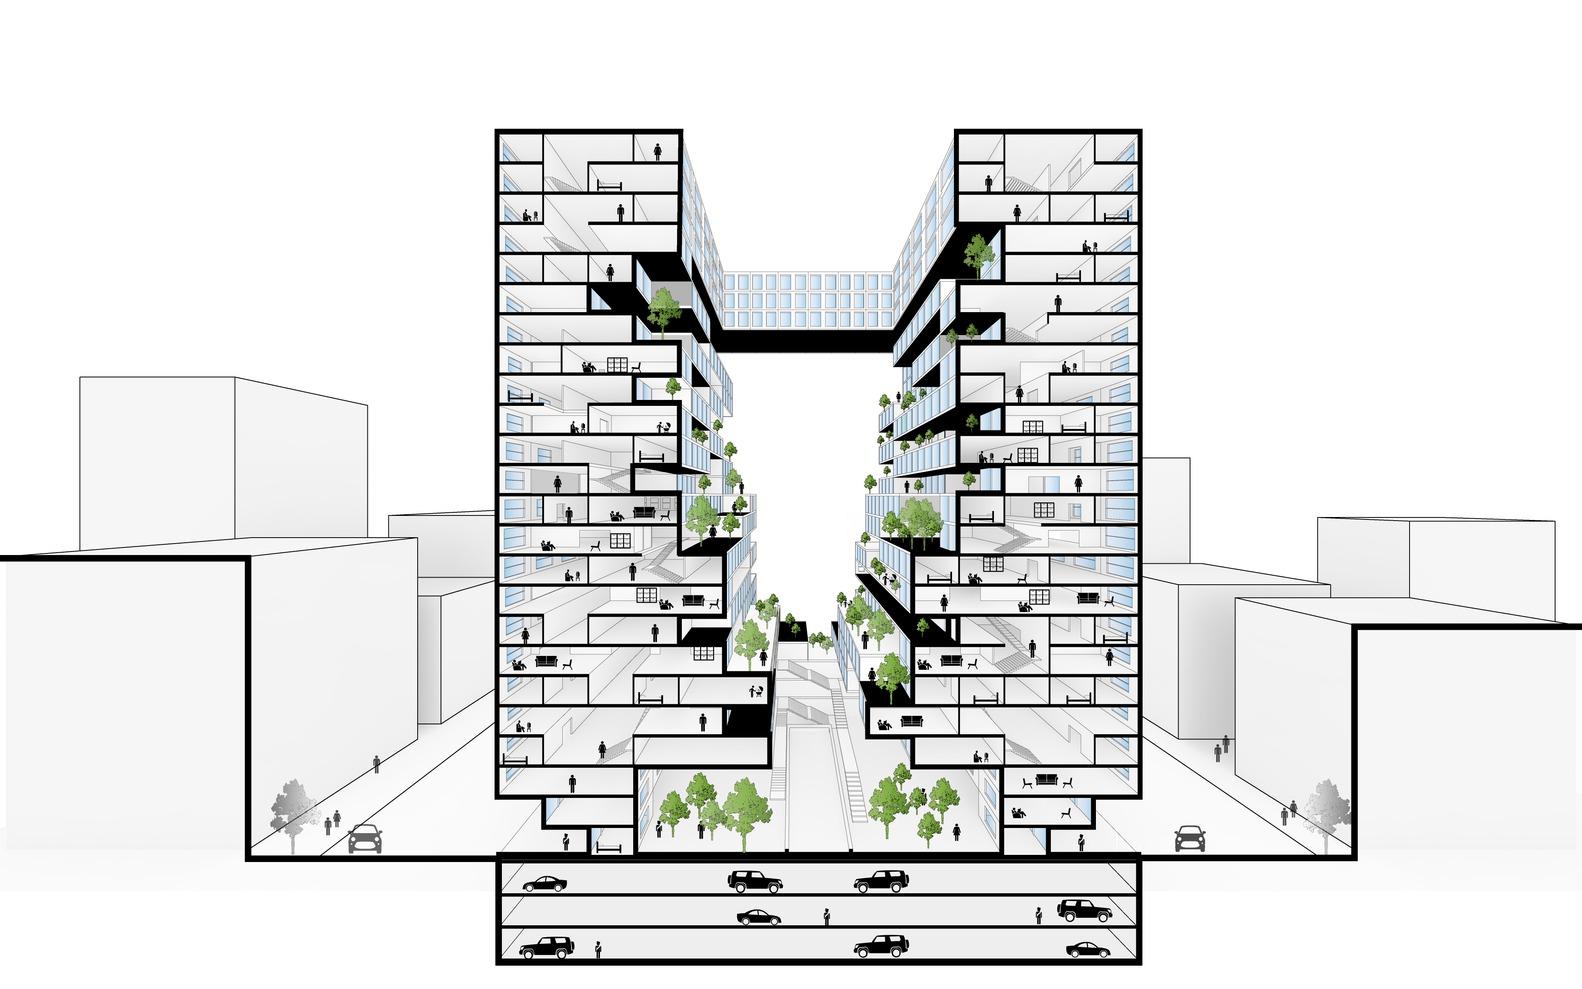 طراحی و معماری برج مسکونی اکولوژیک ونداد,طراحی برج مسکونی,مشهد,ایران,معماری,طراحی,پارساکد,نقشه برج مسکونی,طراحی شهر عمودی مسکونی,parsacad,